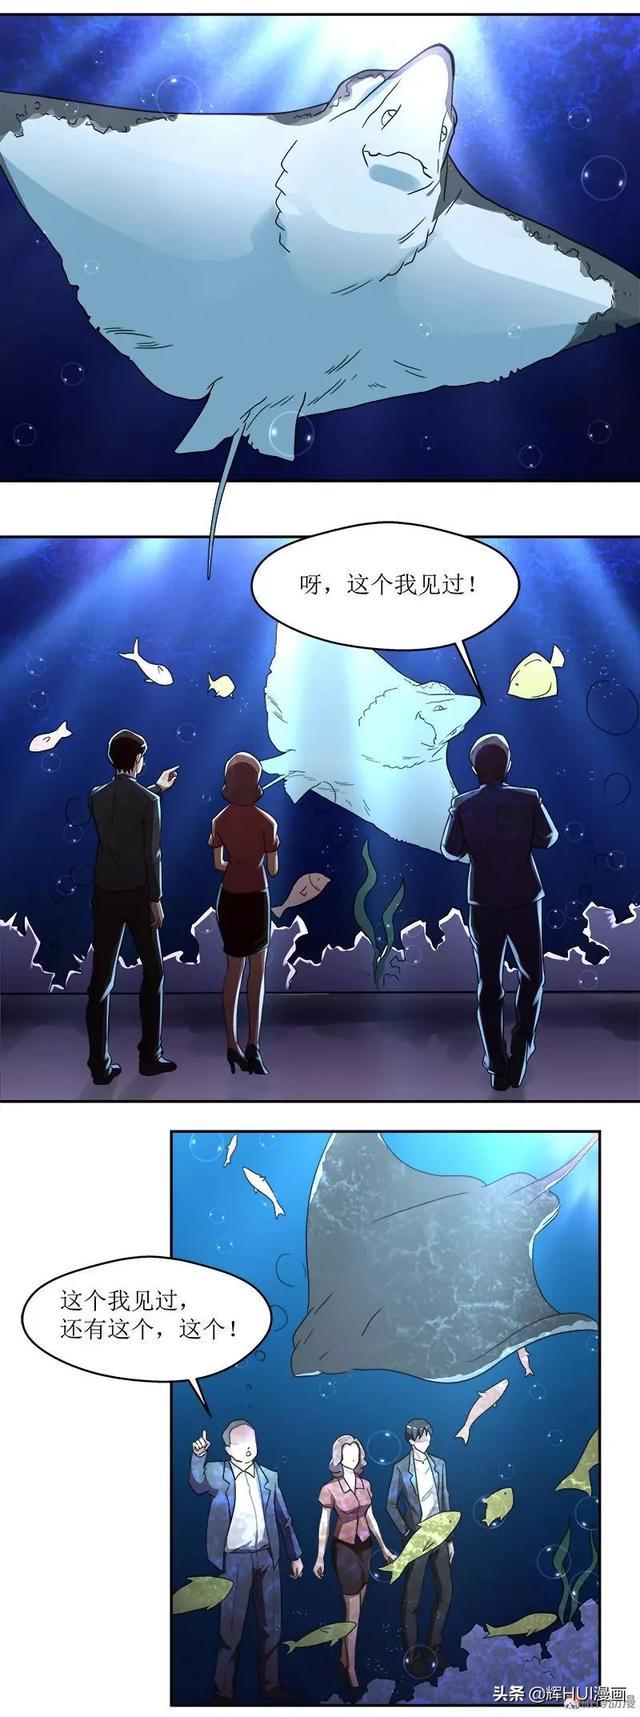 漫画故事,漫画故事:美人鱼